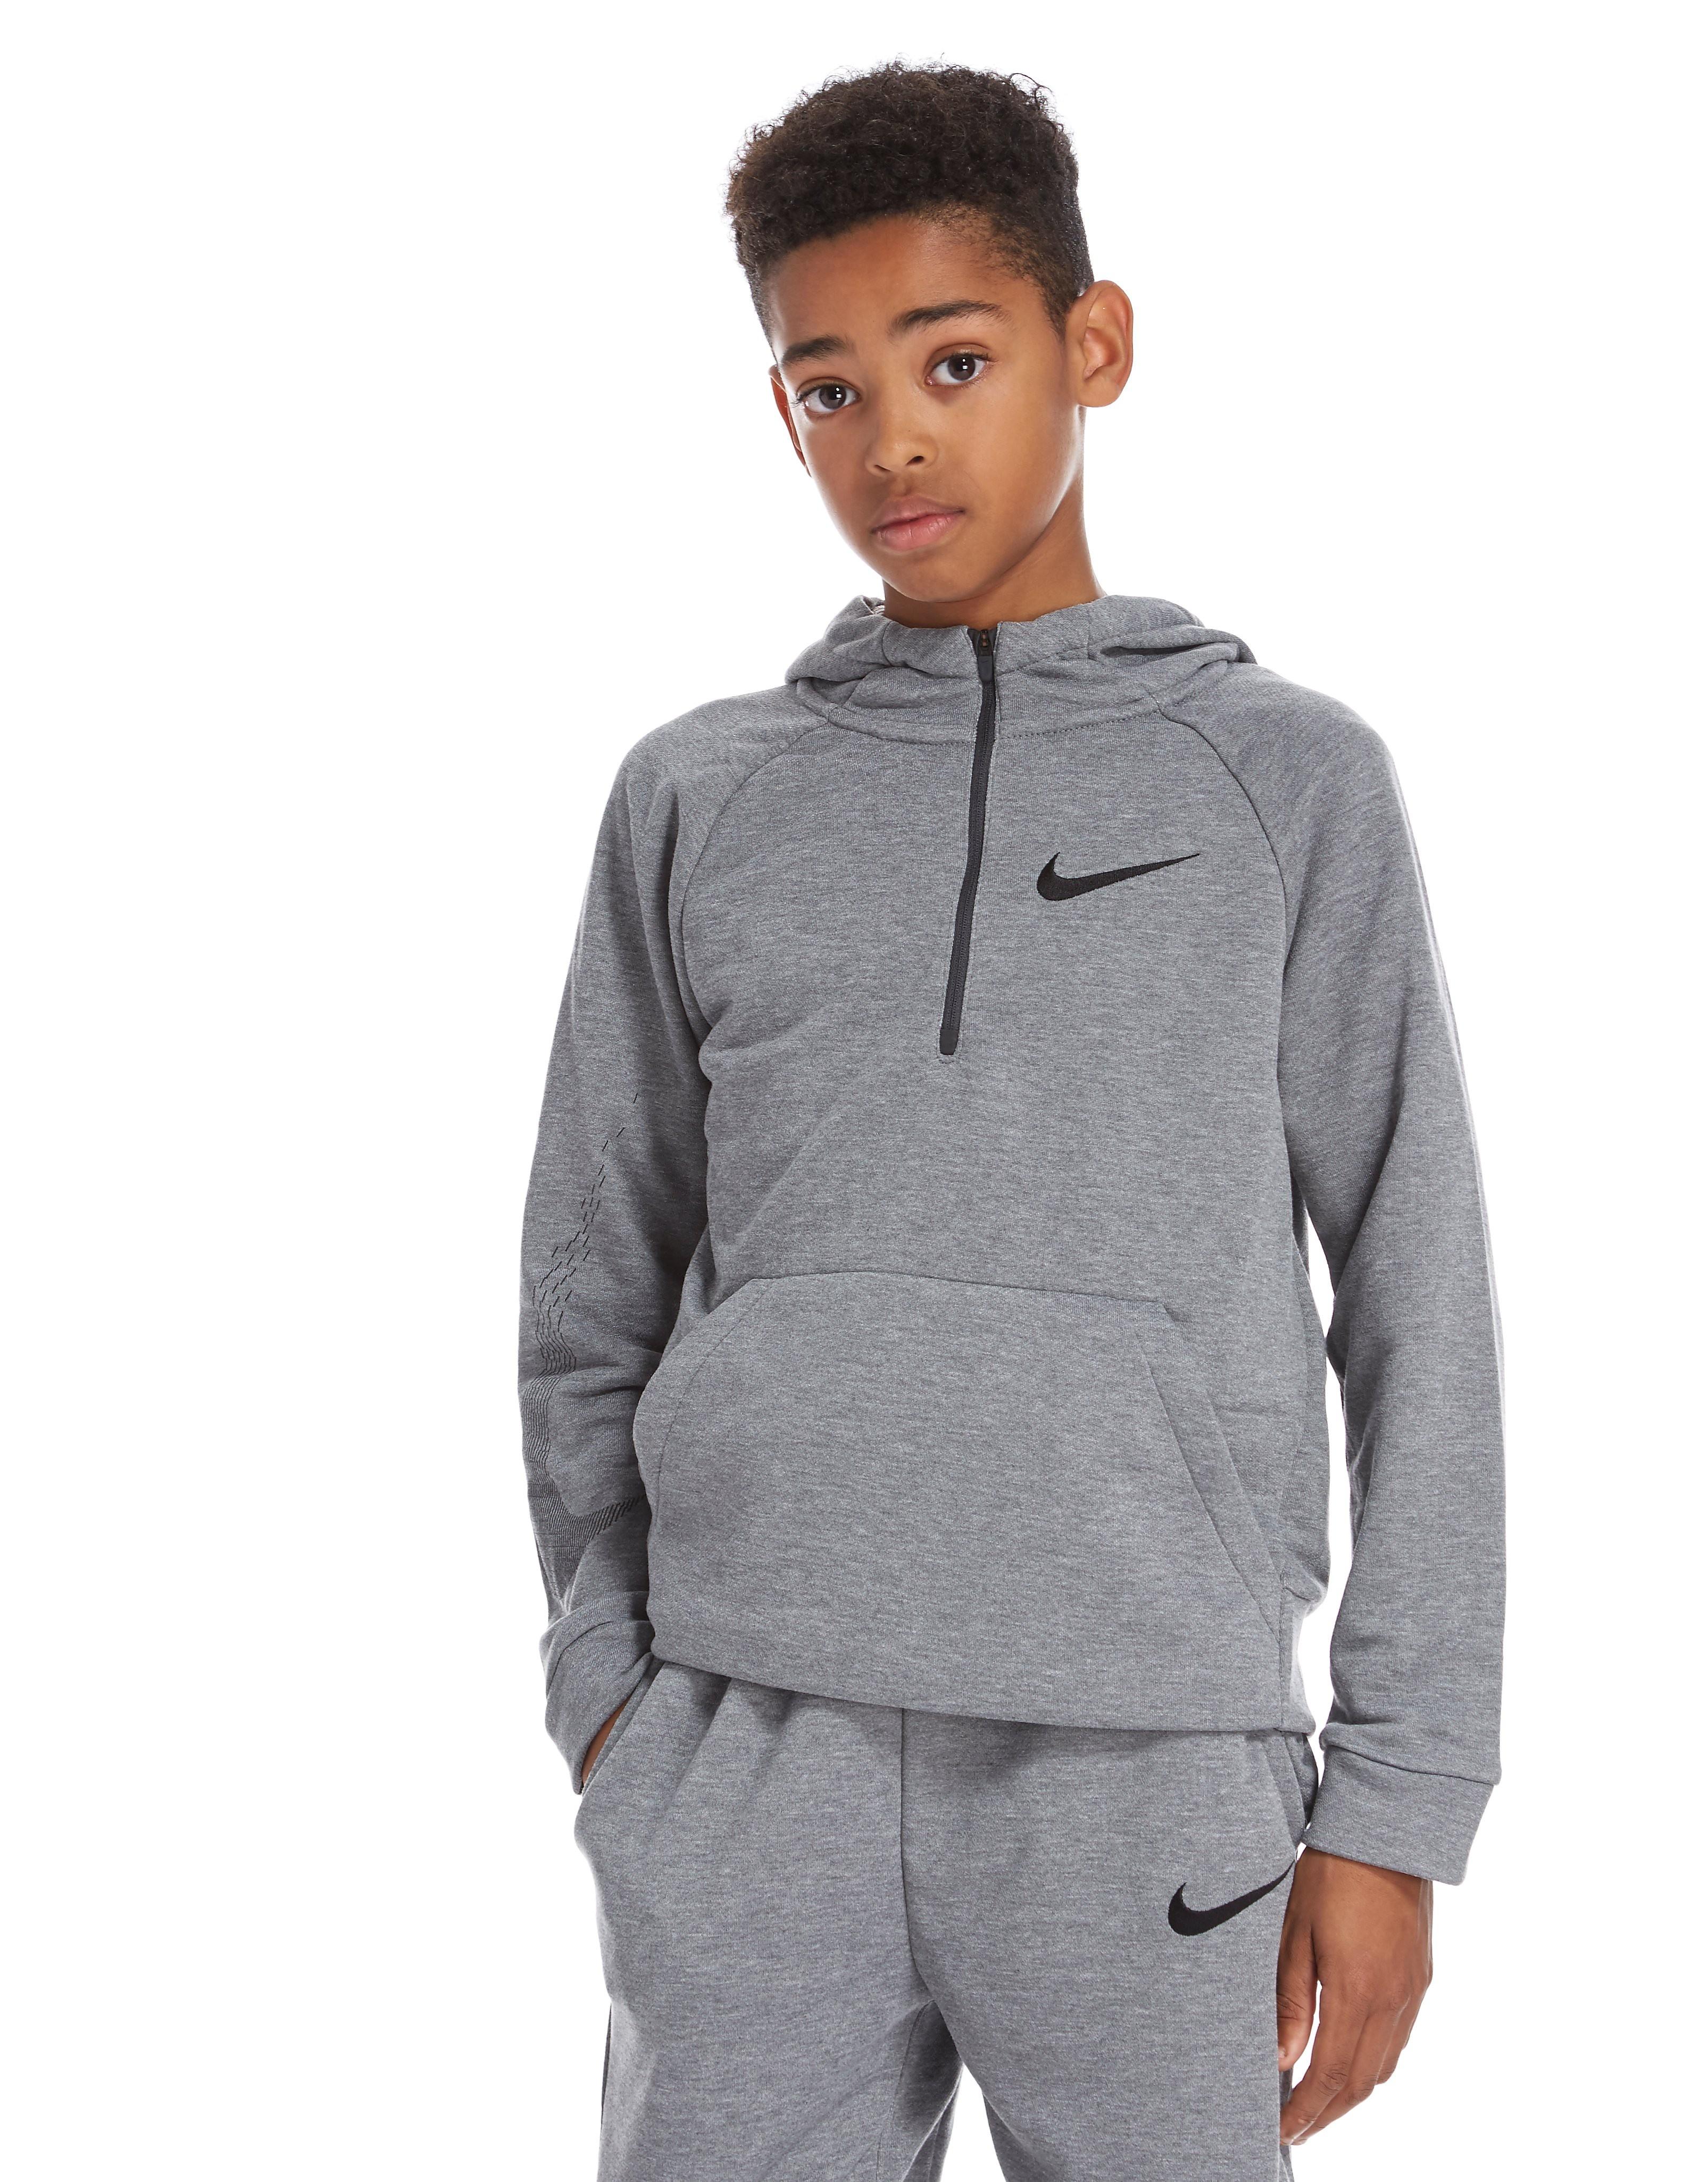 Nike Dri-Fit 1/4 Zip Hoodie Junior